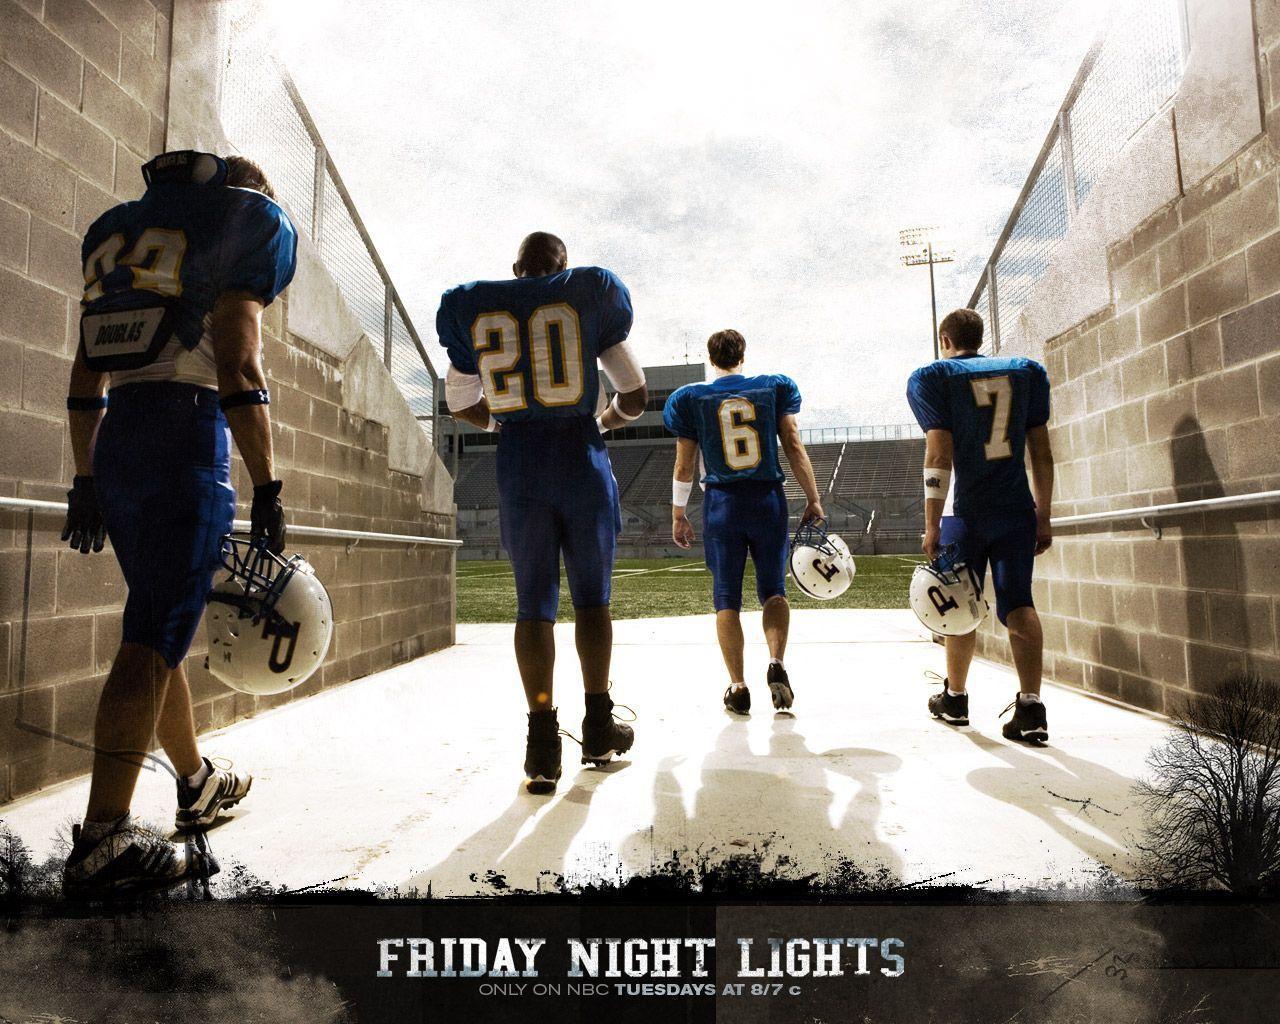 Friday Night Lights Wallpaper